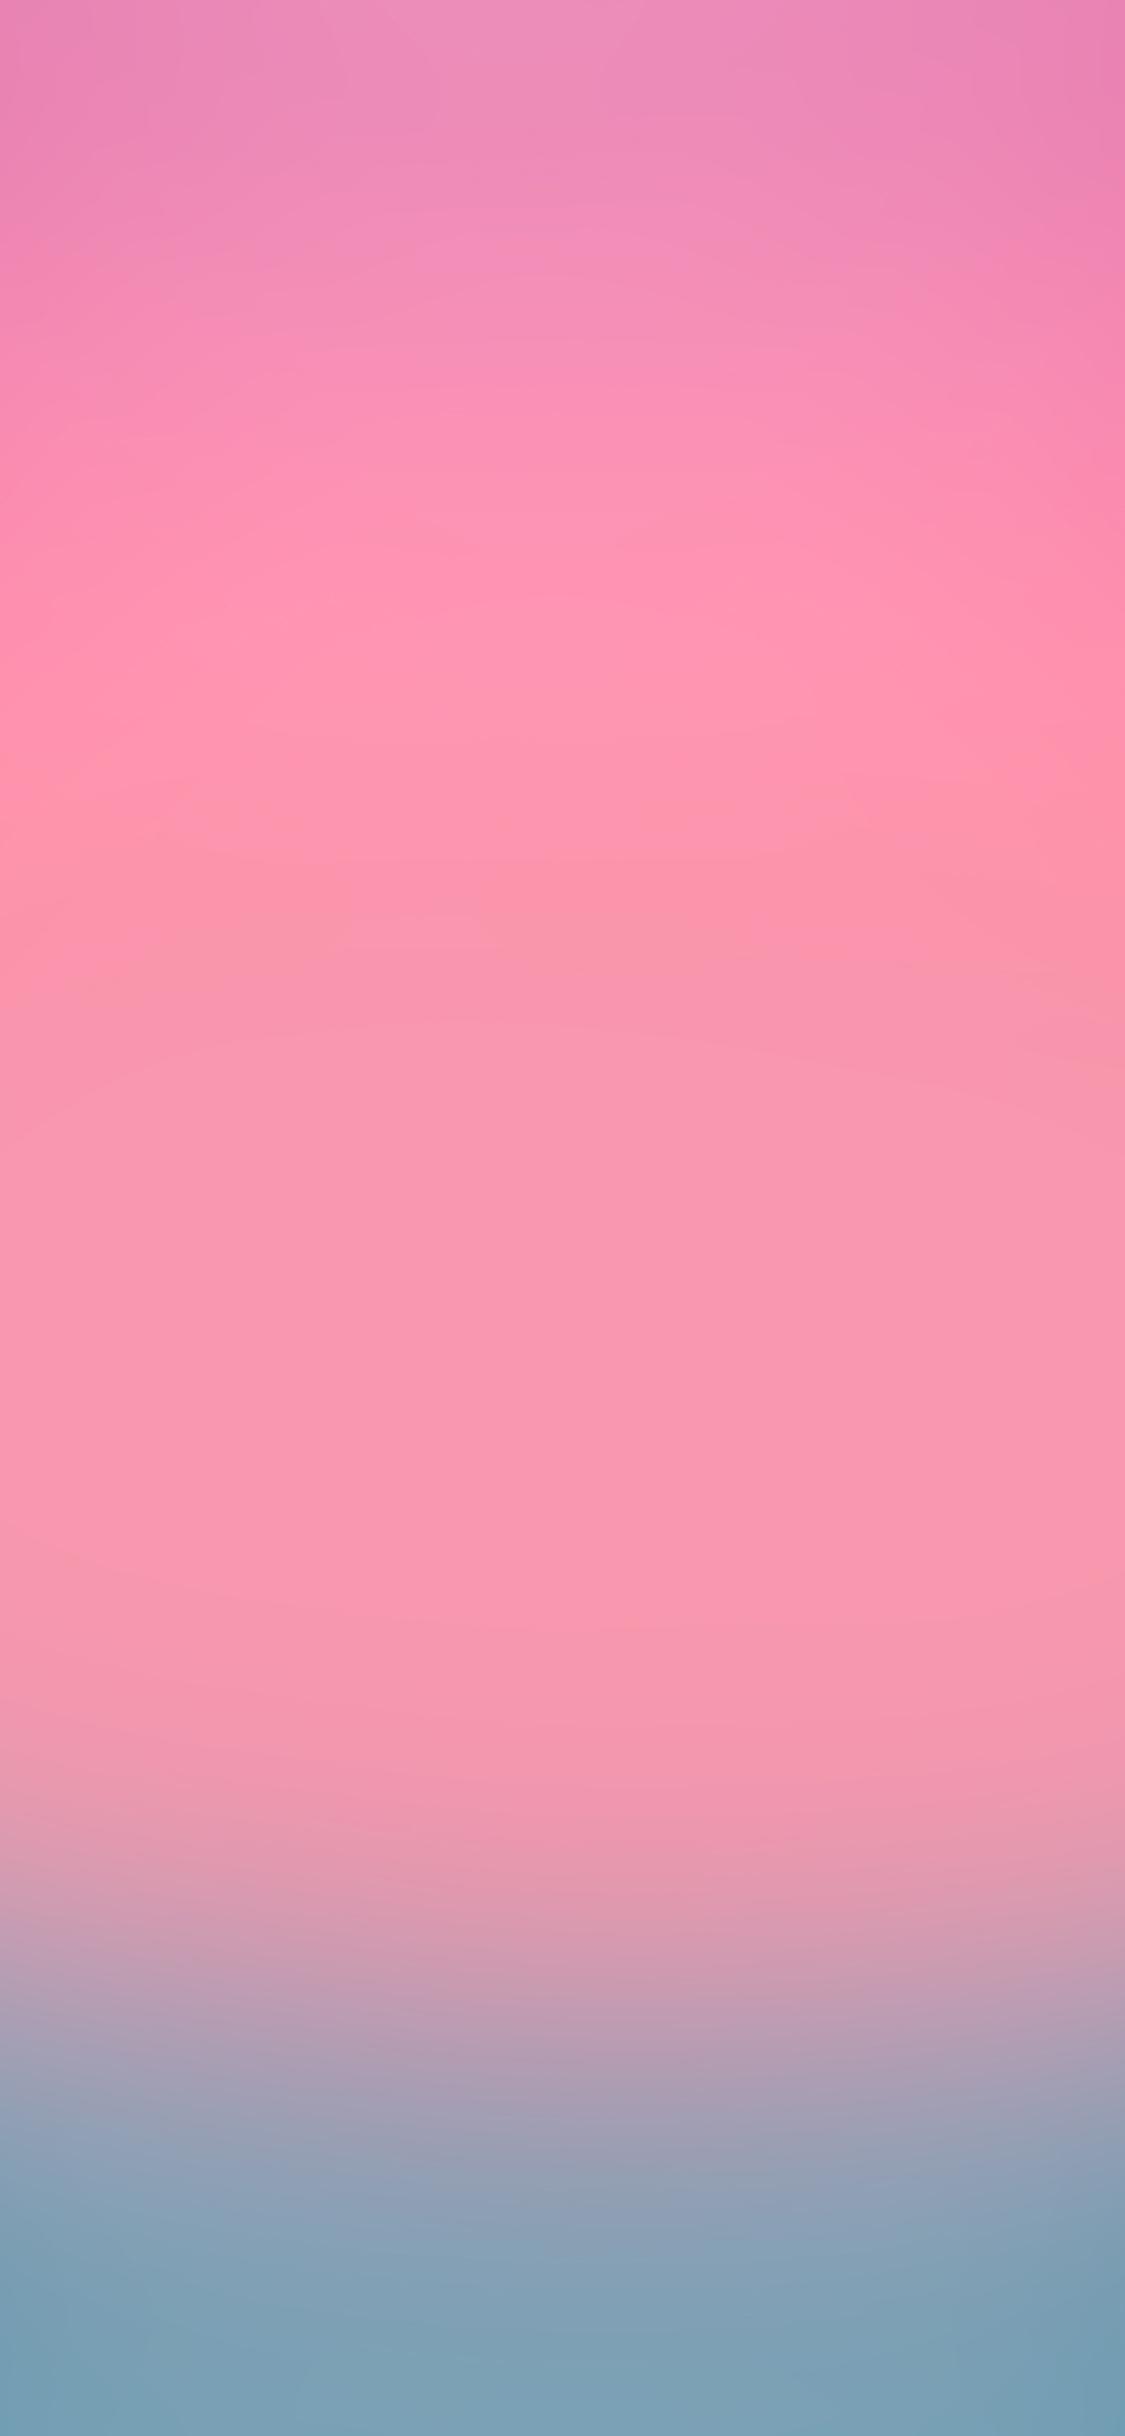 iPhoneXpapers.com-Apple-iPhone-wallpaper-sa88-wallpaper-violet-nail-blur